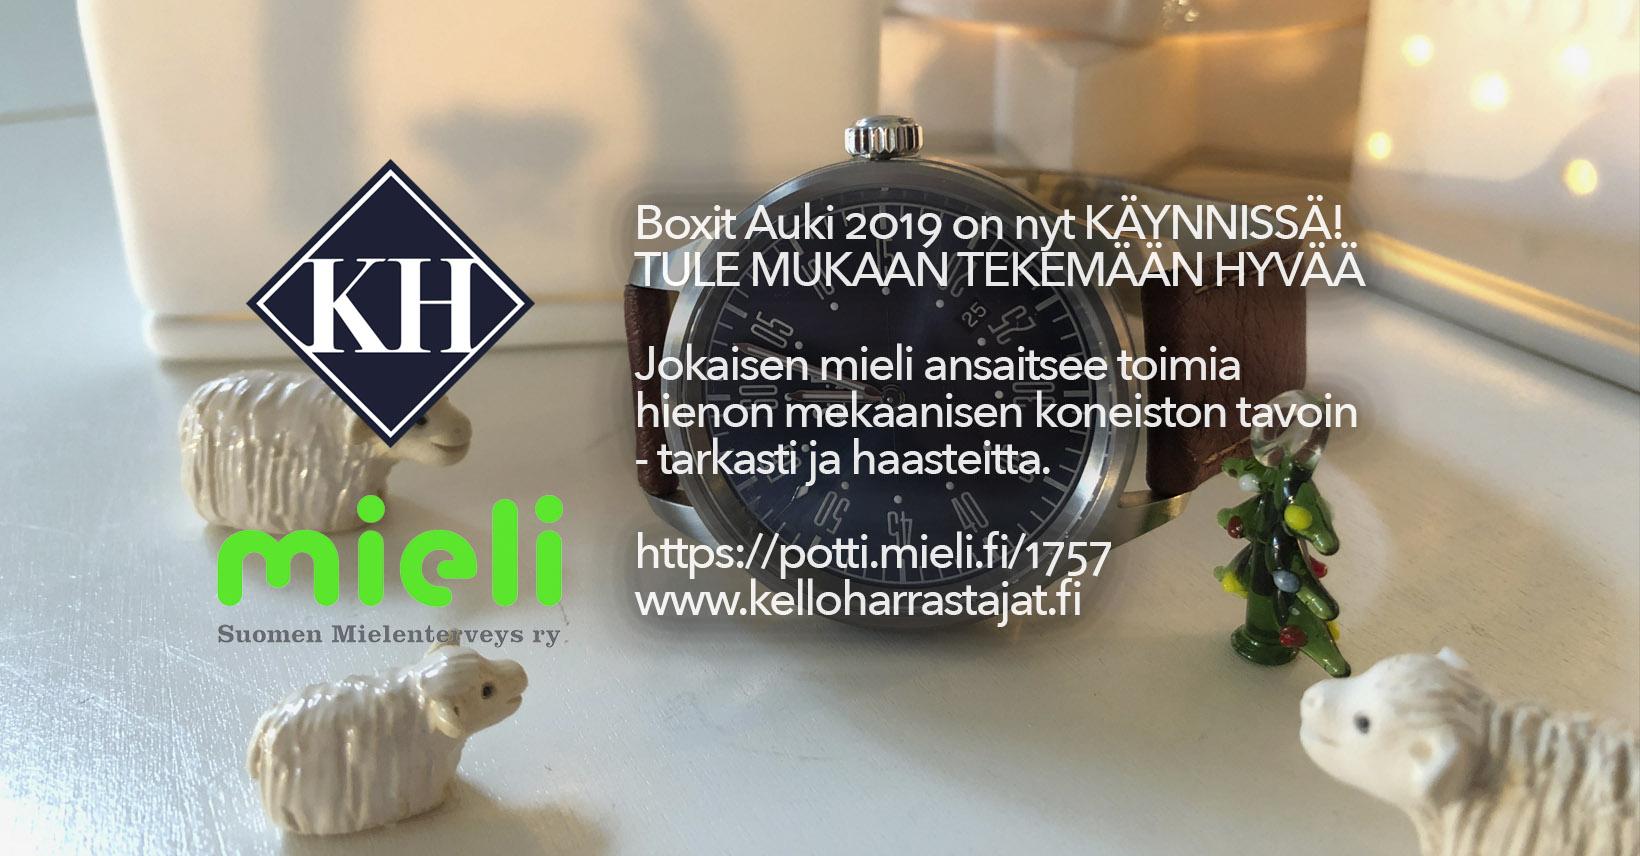 Boxit Auki 2019 – MIELI Suomen Mielenterveys Ry:n hyväksi on nyt käynnissä!